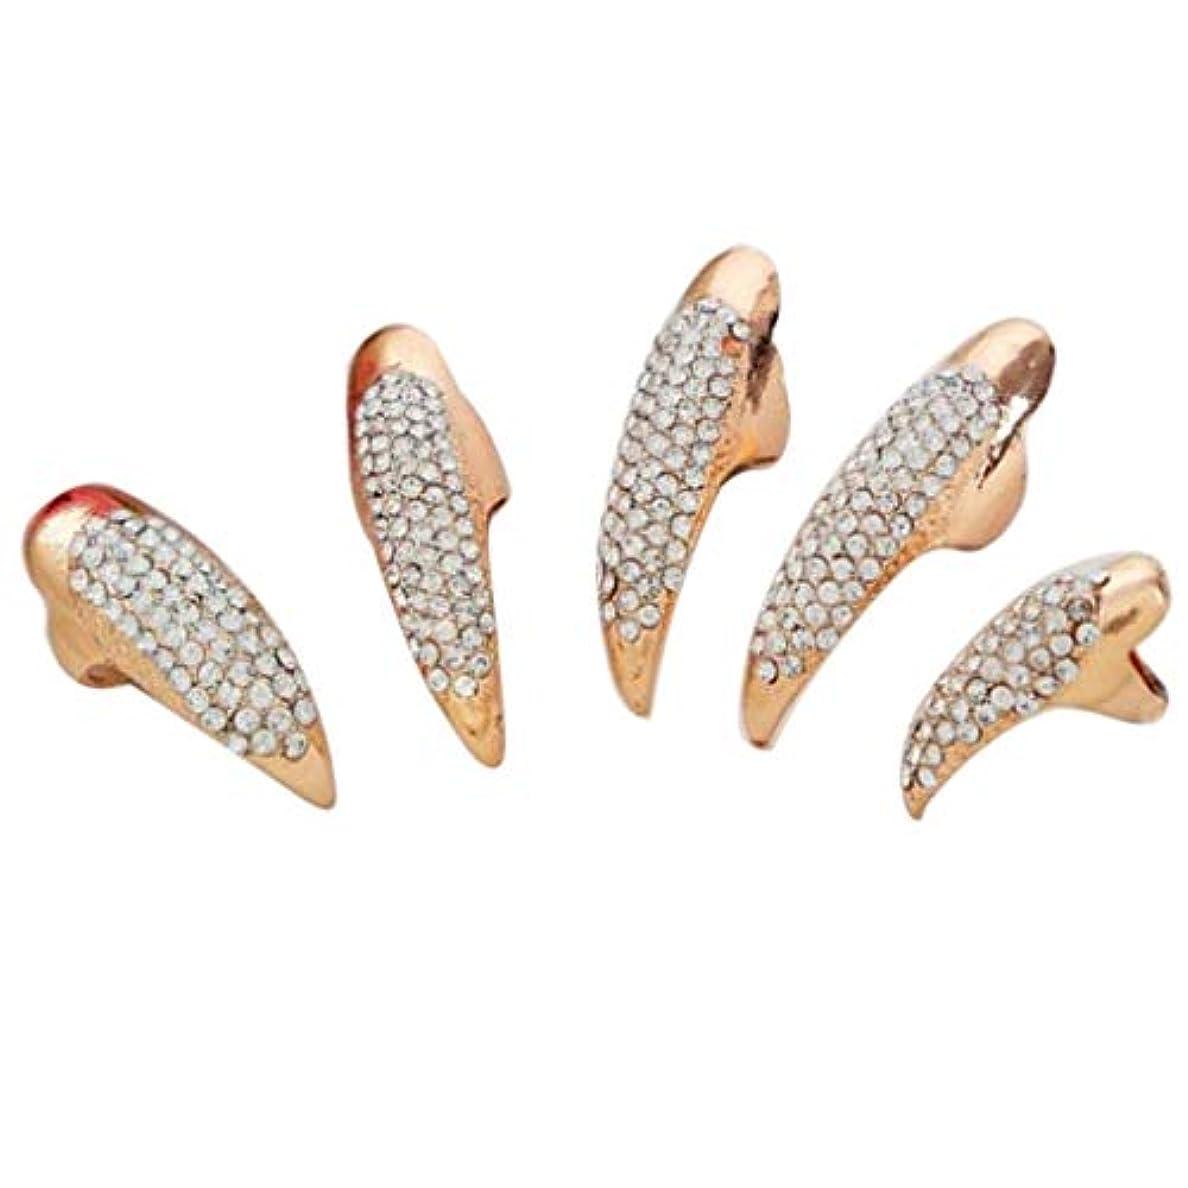 忍耐ゴミ箱毎月ネイルアート ネイルリング 爪リング ネイルチップ 指先 爪の指輪 キラキラ 2色選べ - ゴールデン